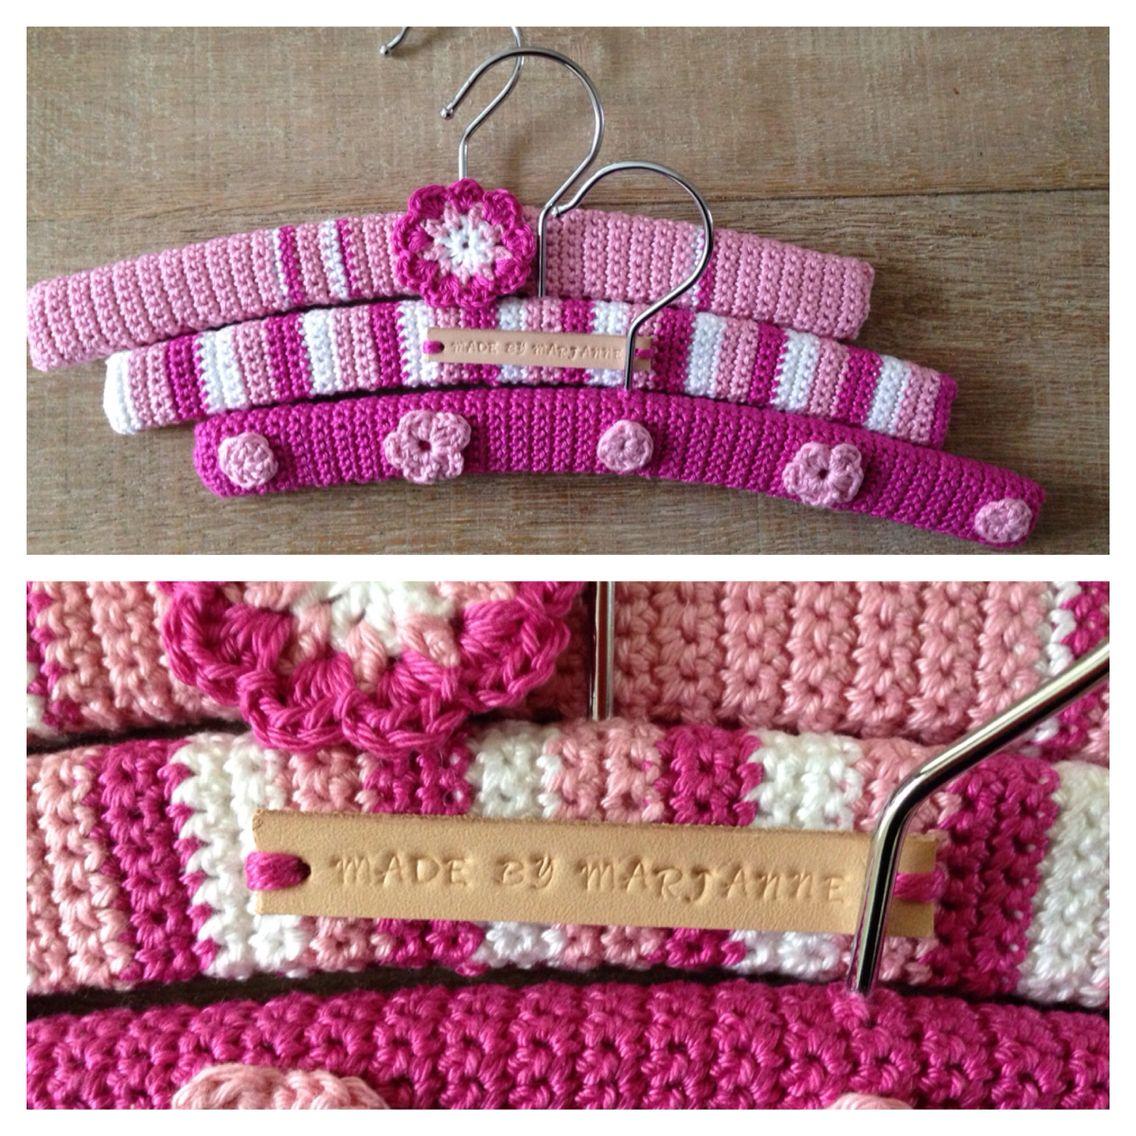 Kledinghanger Haken Crochet Hanger Pinterest Crochet Crochet